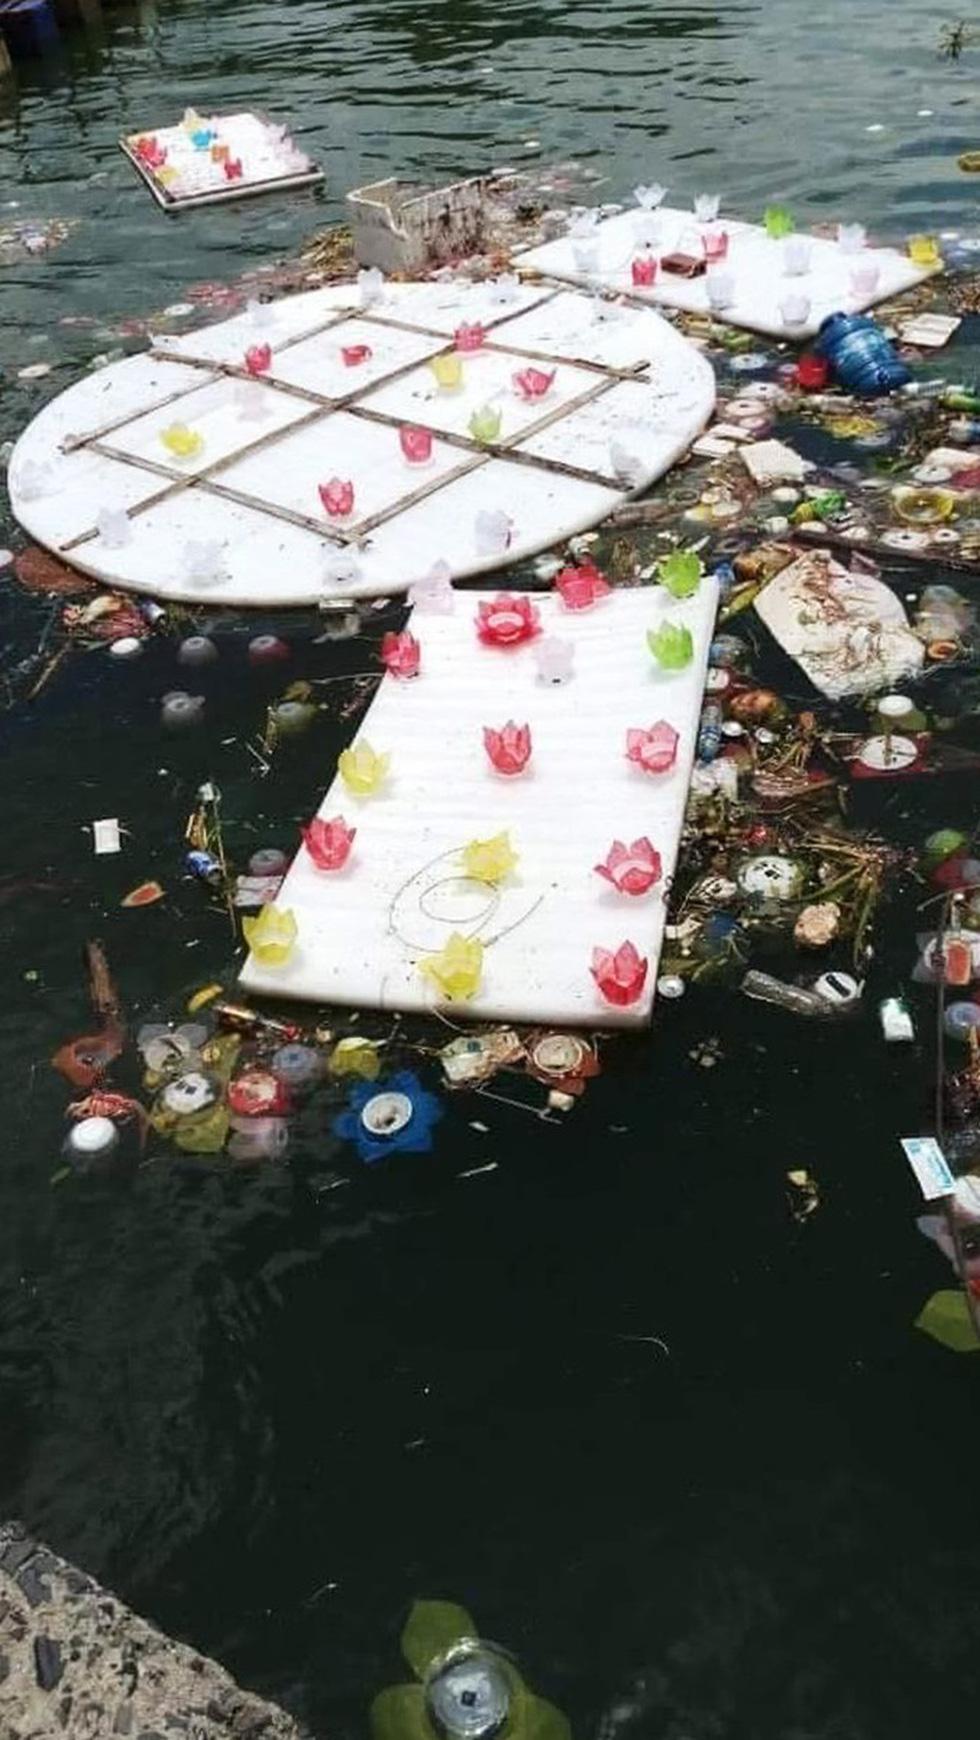 Xôn xao quanh chuyện 30.000 hoa đăng thả xuống vịnh Lan Hạ gây ô nhiễm - Ảnh 3.